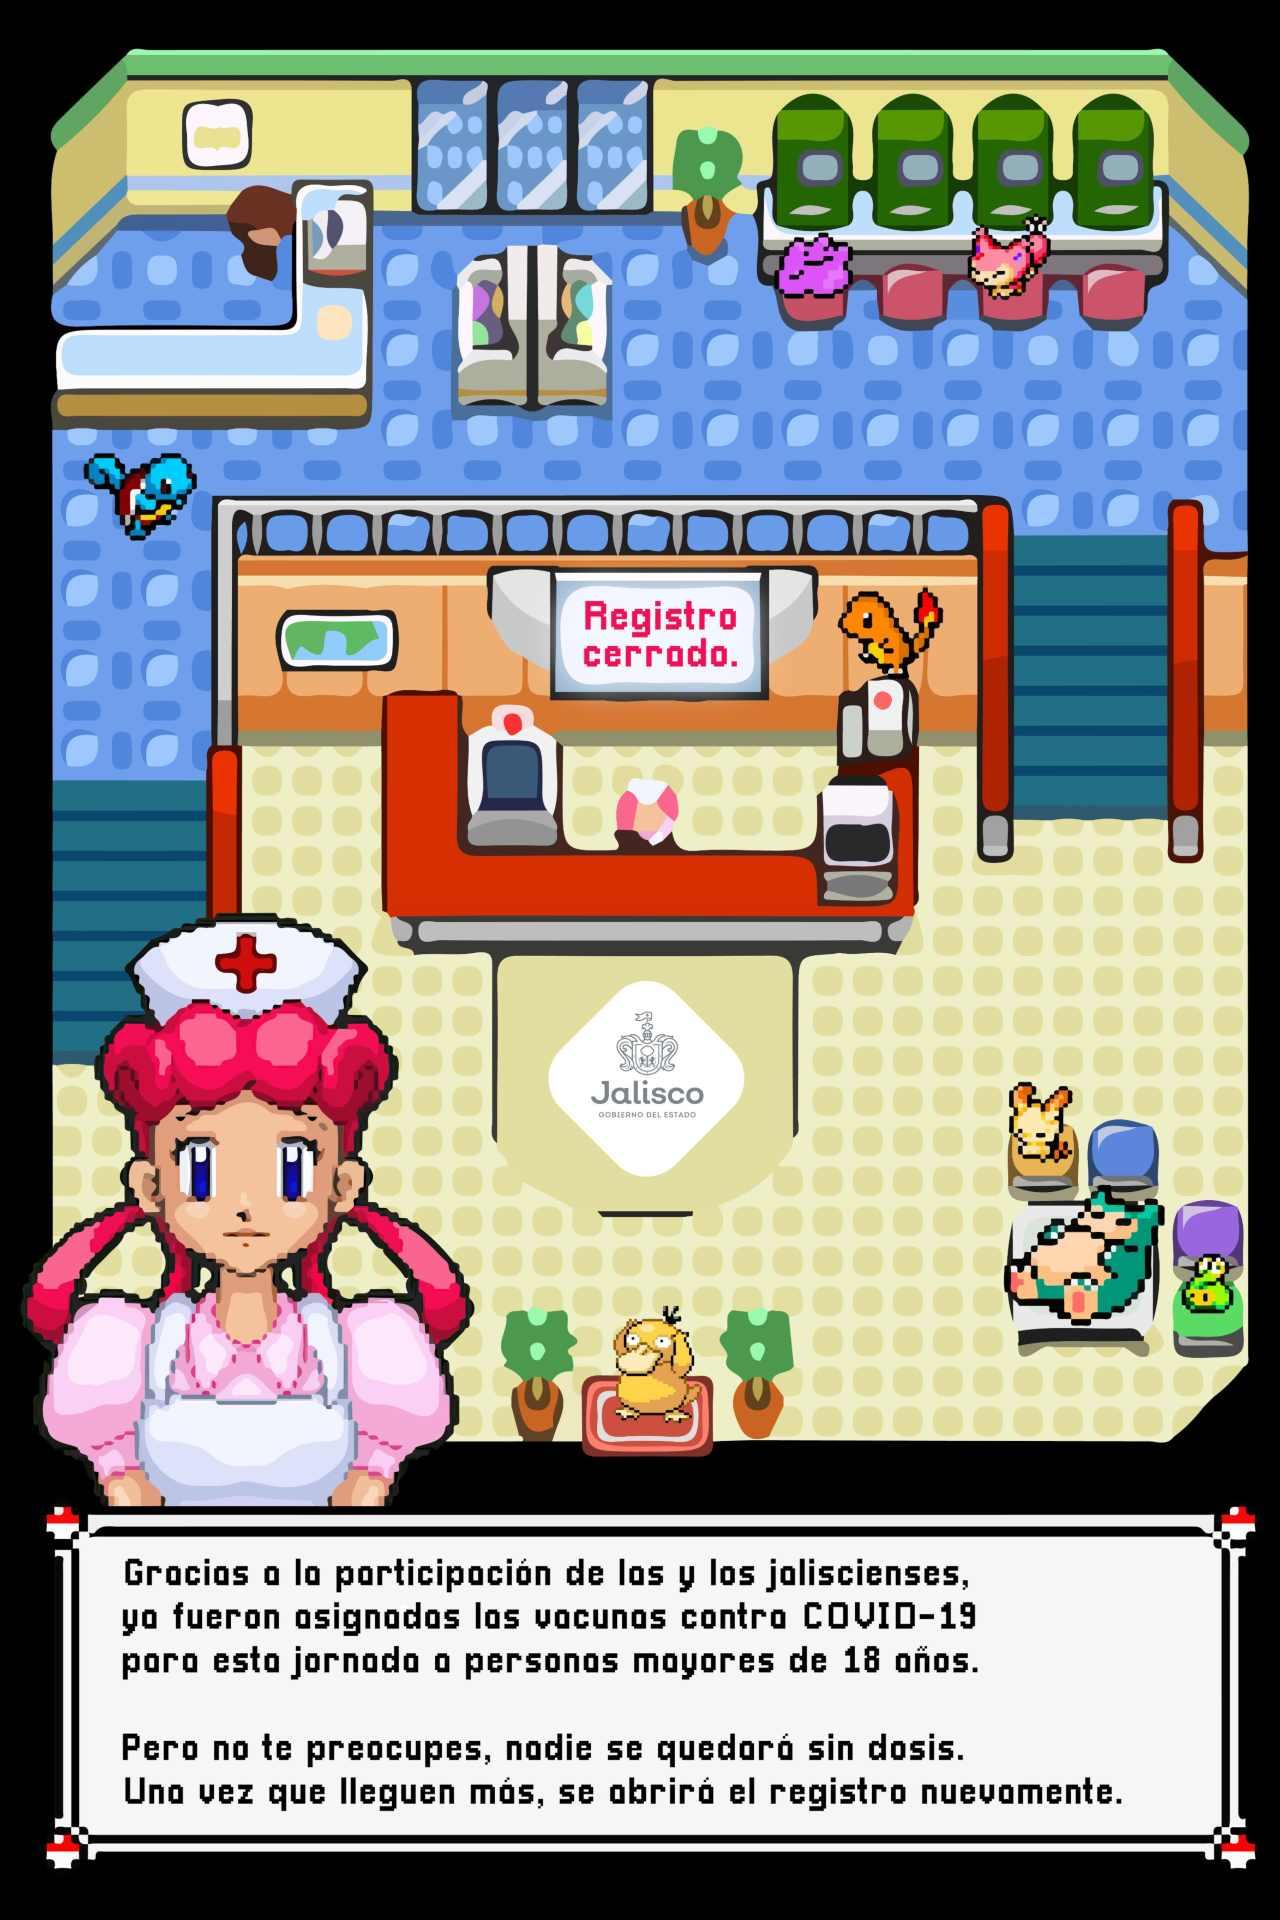 Jalisco Pokemón llamado vacunación anime